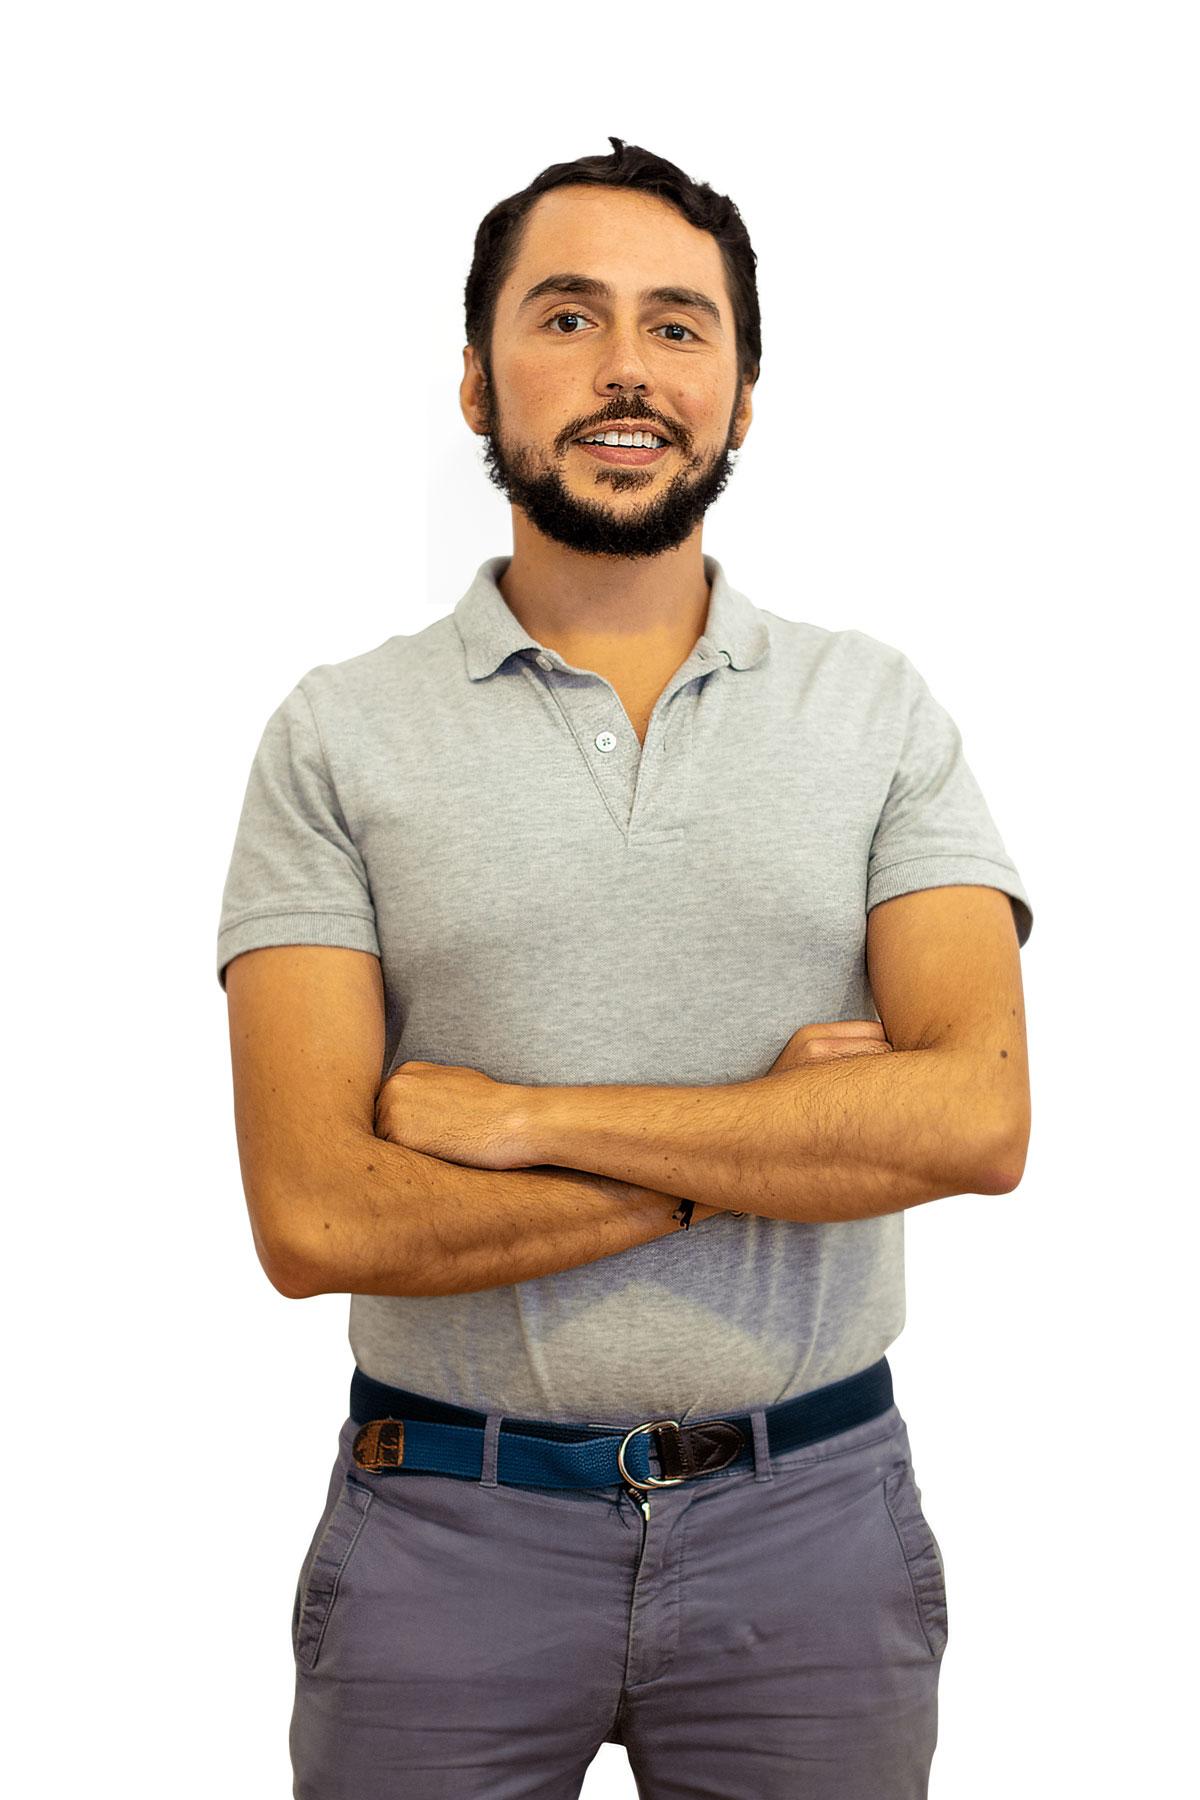 Esteban Sanchez